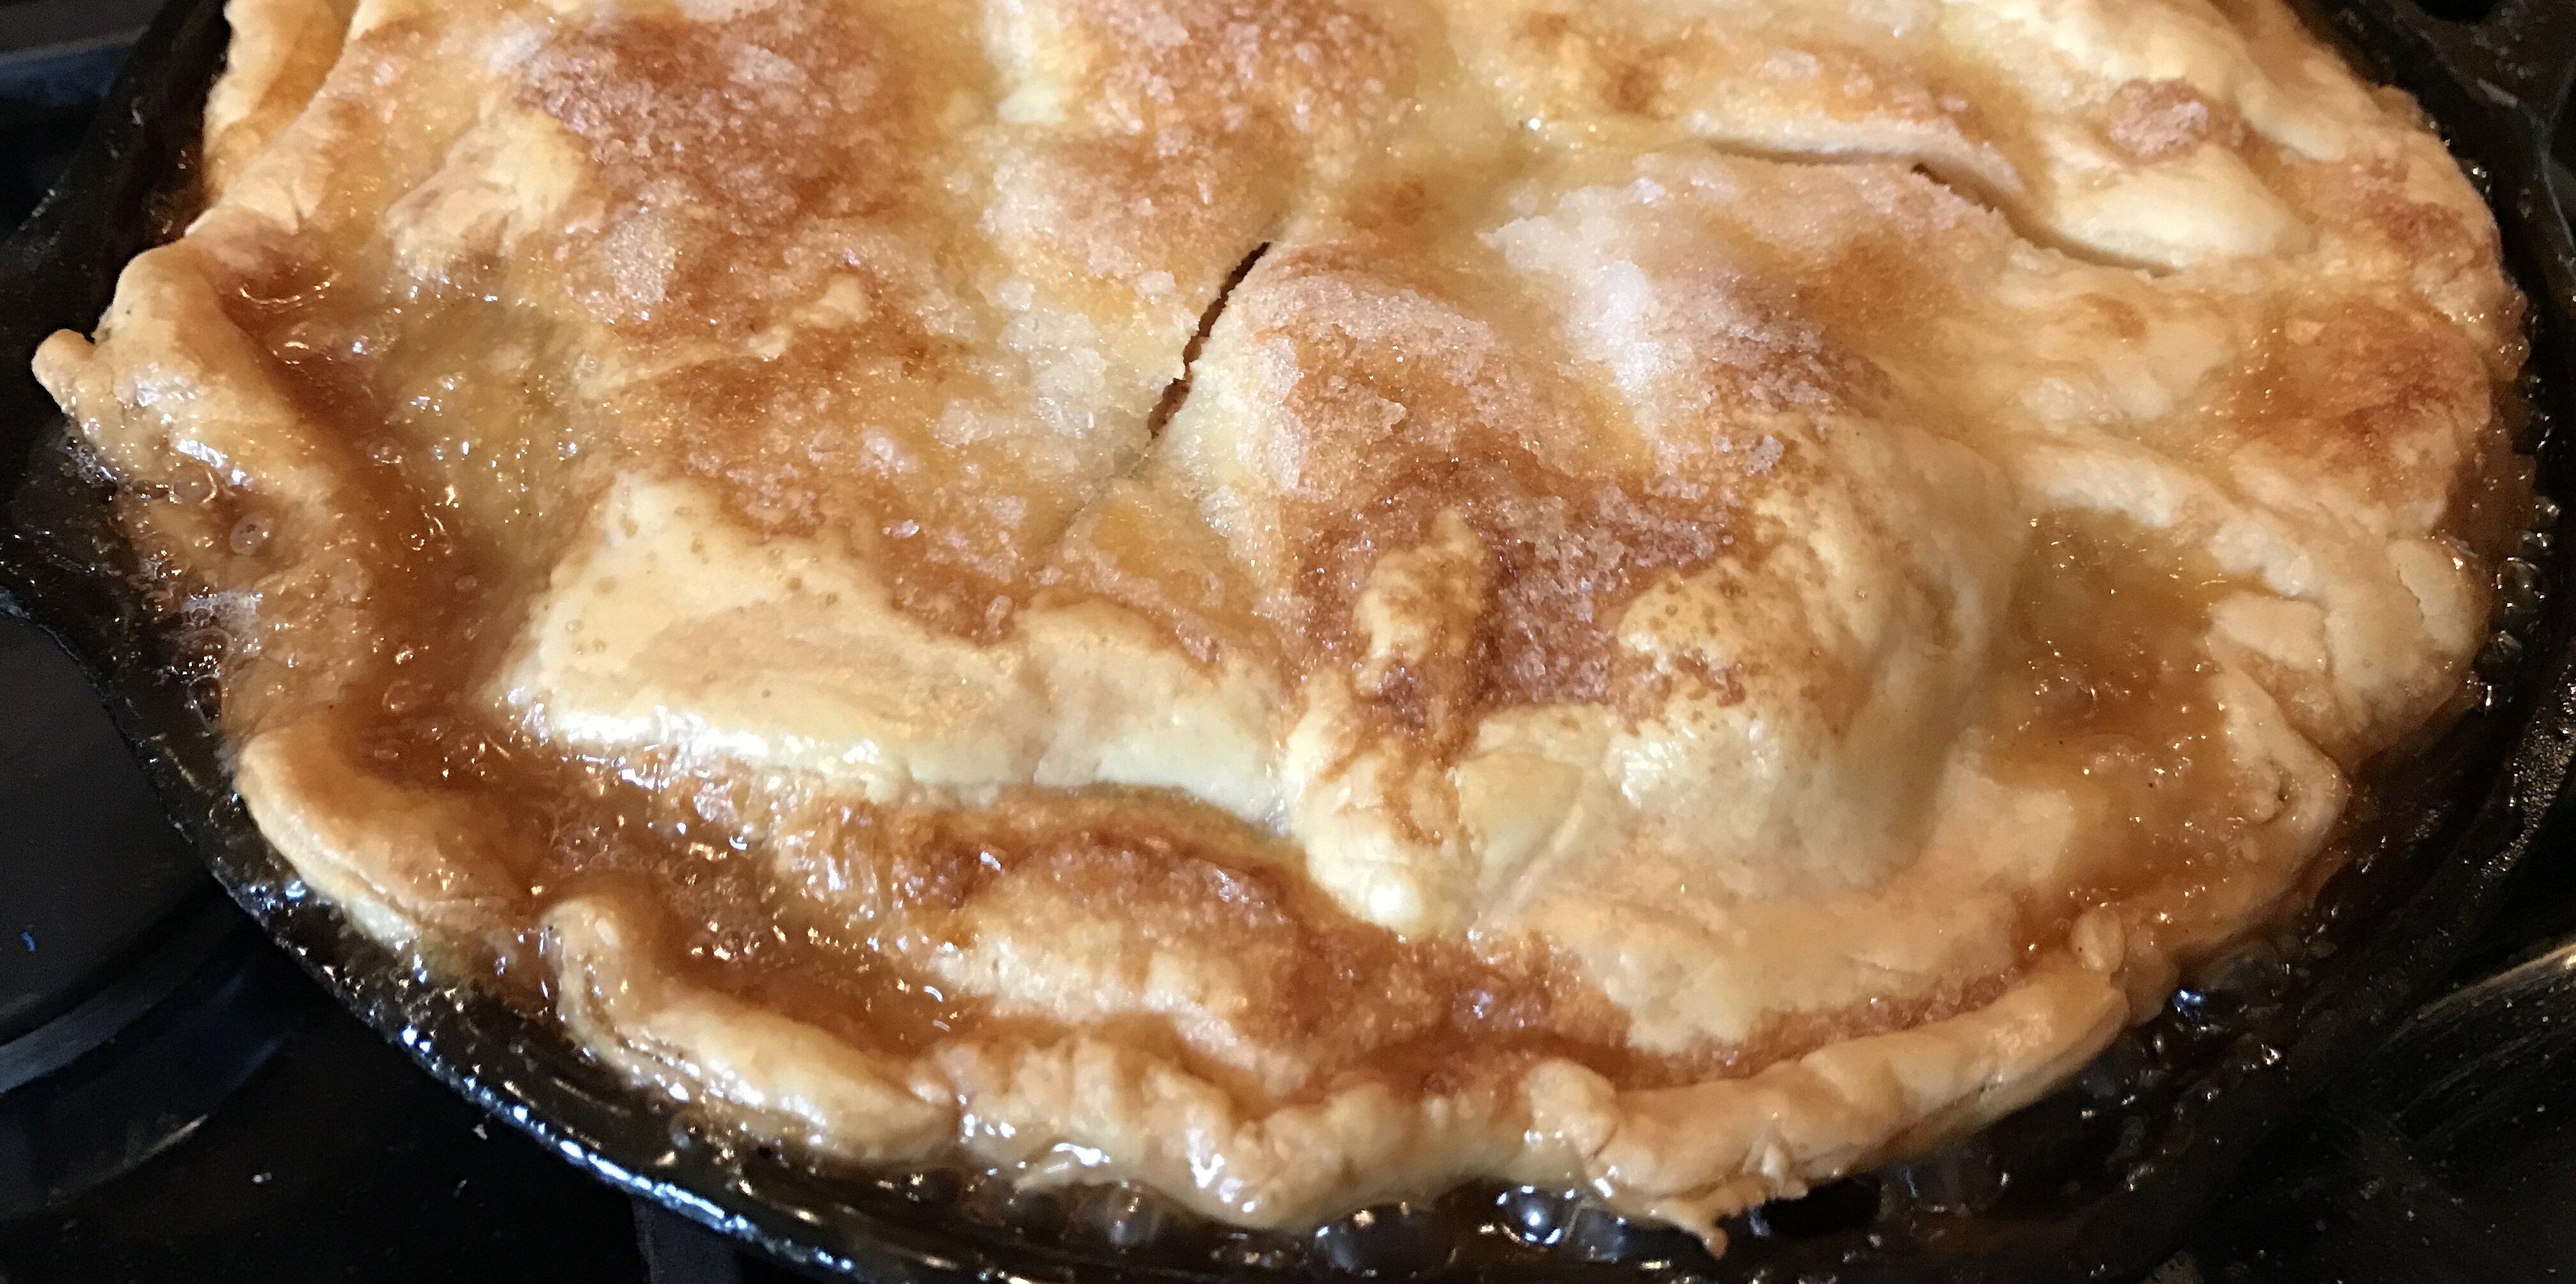 grandmas iron skillet apple pie recipe